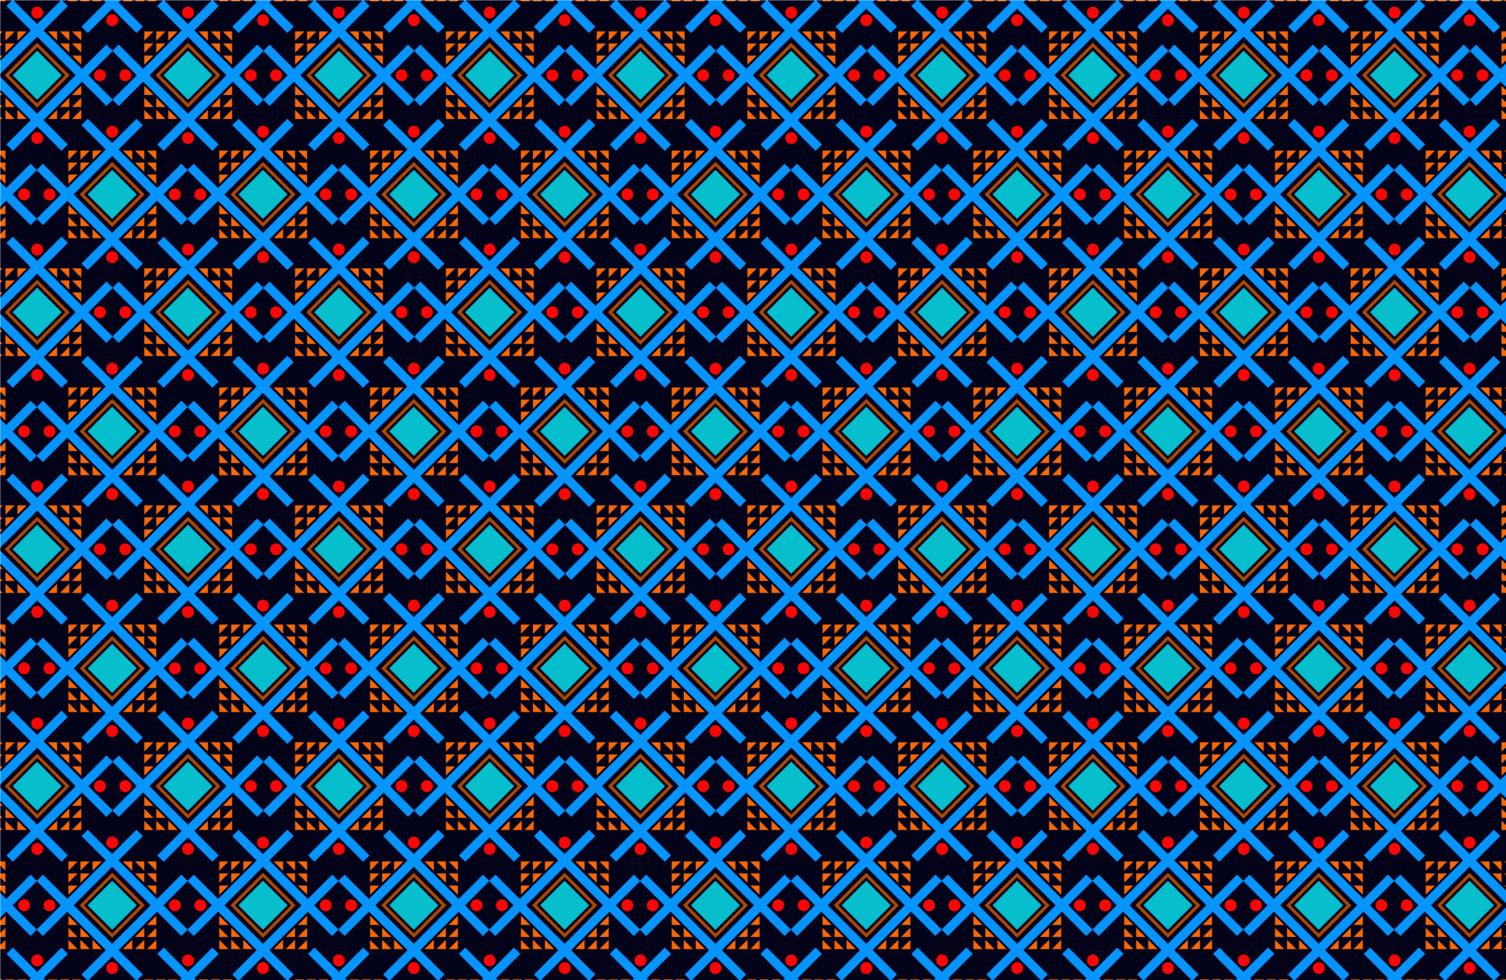 motif de tissu de formes de côtes rouges et bleues vecteur